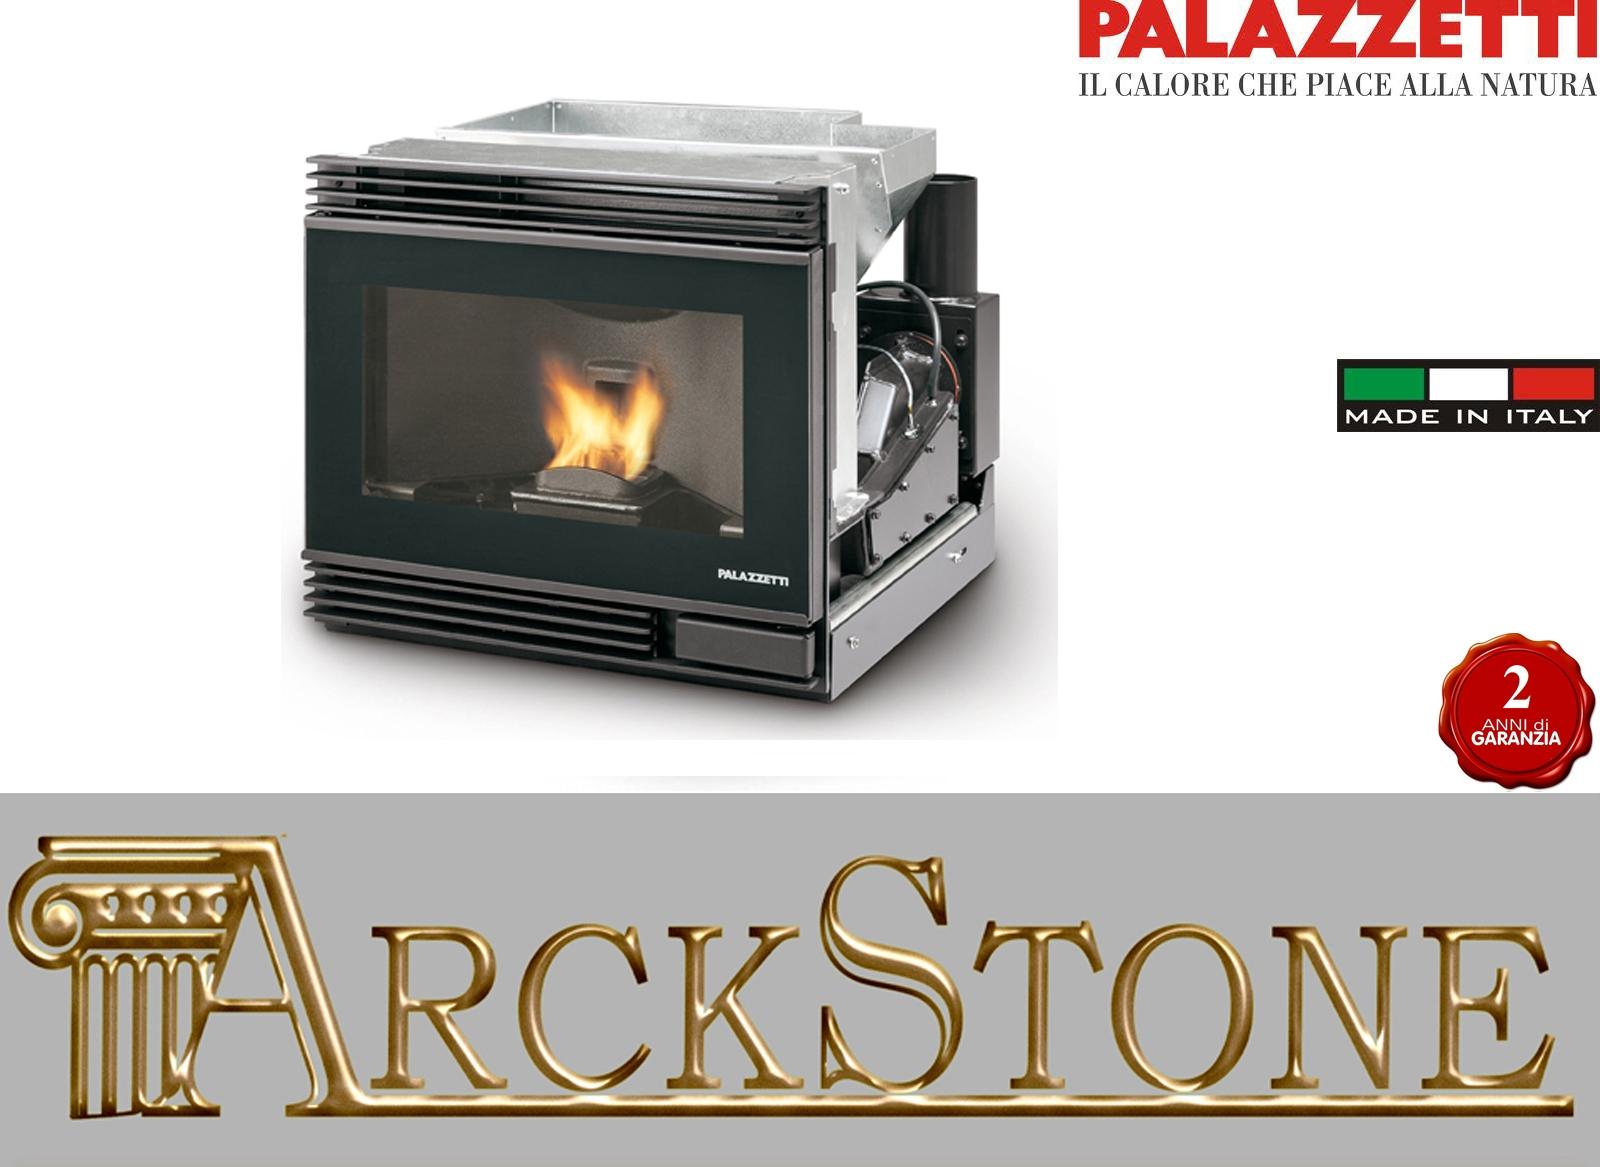 ARCKSTONE Ecofire Einfügen von Feuerstelle Pellet Palazzetti Small ...